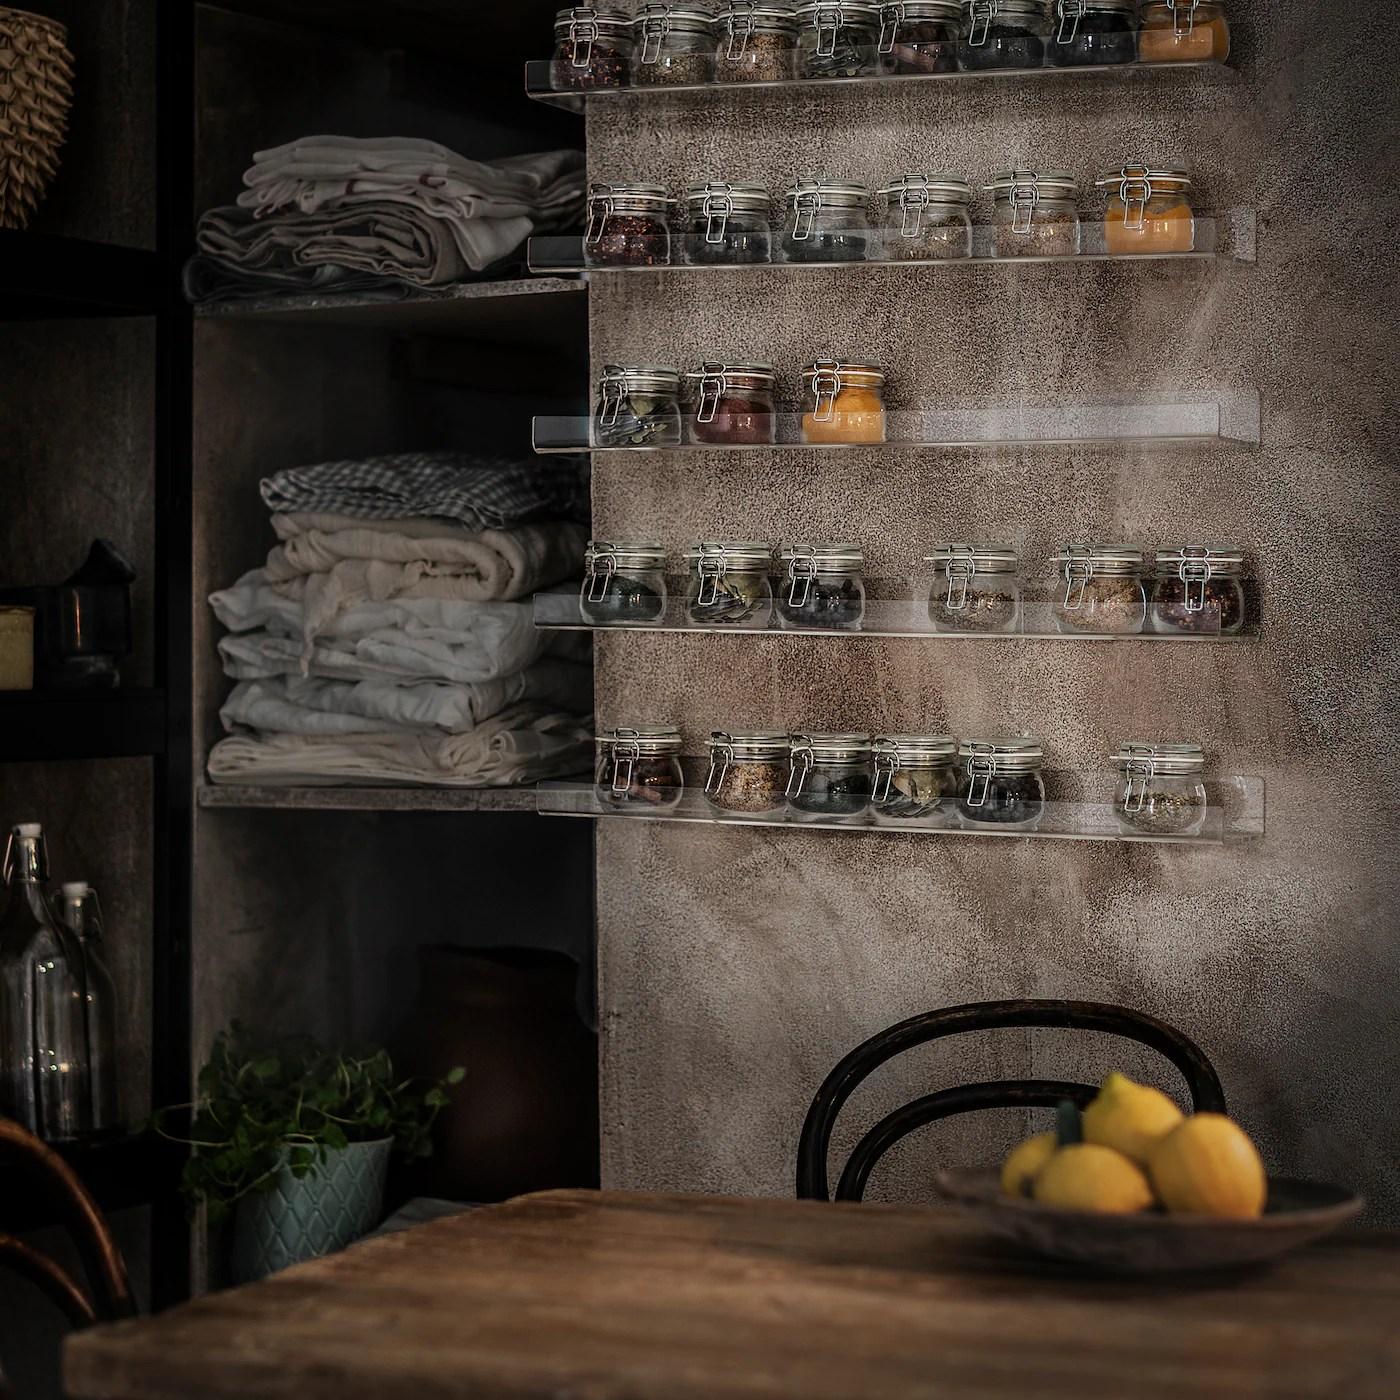 Vendo cucina ad angolo ikea acquistata in aprile 2015 con ante laxarby bianche o in vetro smerigliato + maniglie e pomelli faglavik in ottone, causa trasloco in aprile 2018 in una casa già corredata di cucina. Mellosa Mensola Per Quadri Trasparente Ikea It